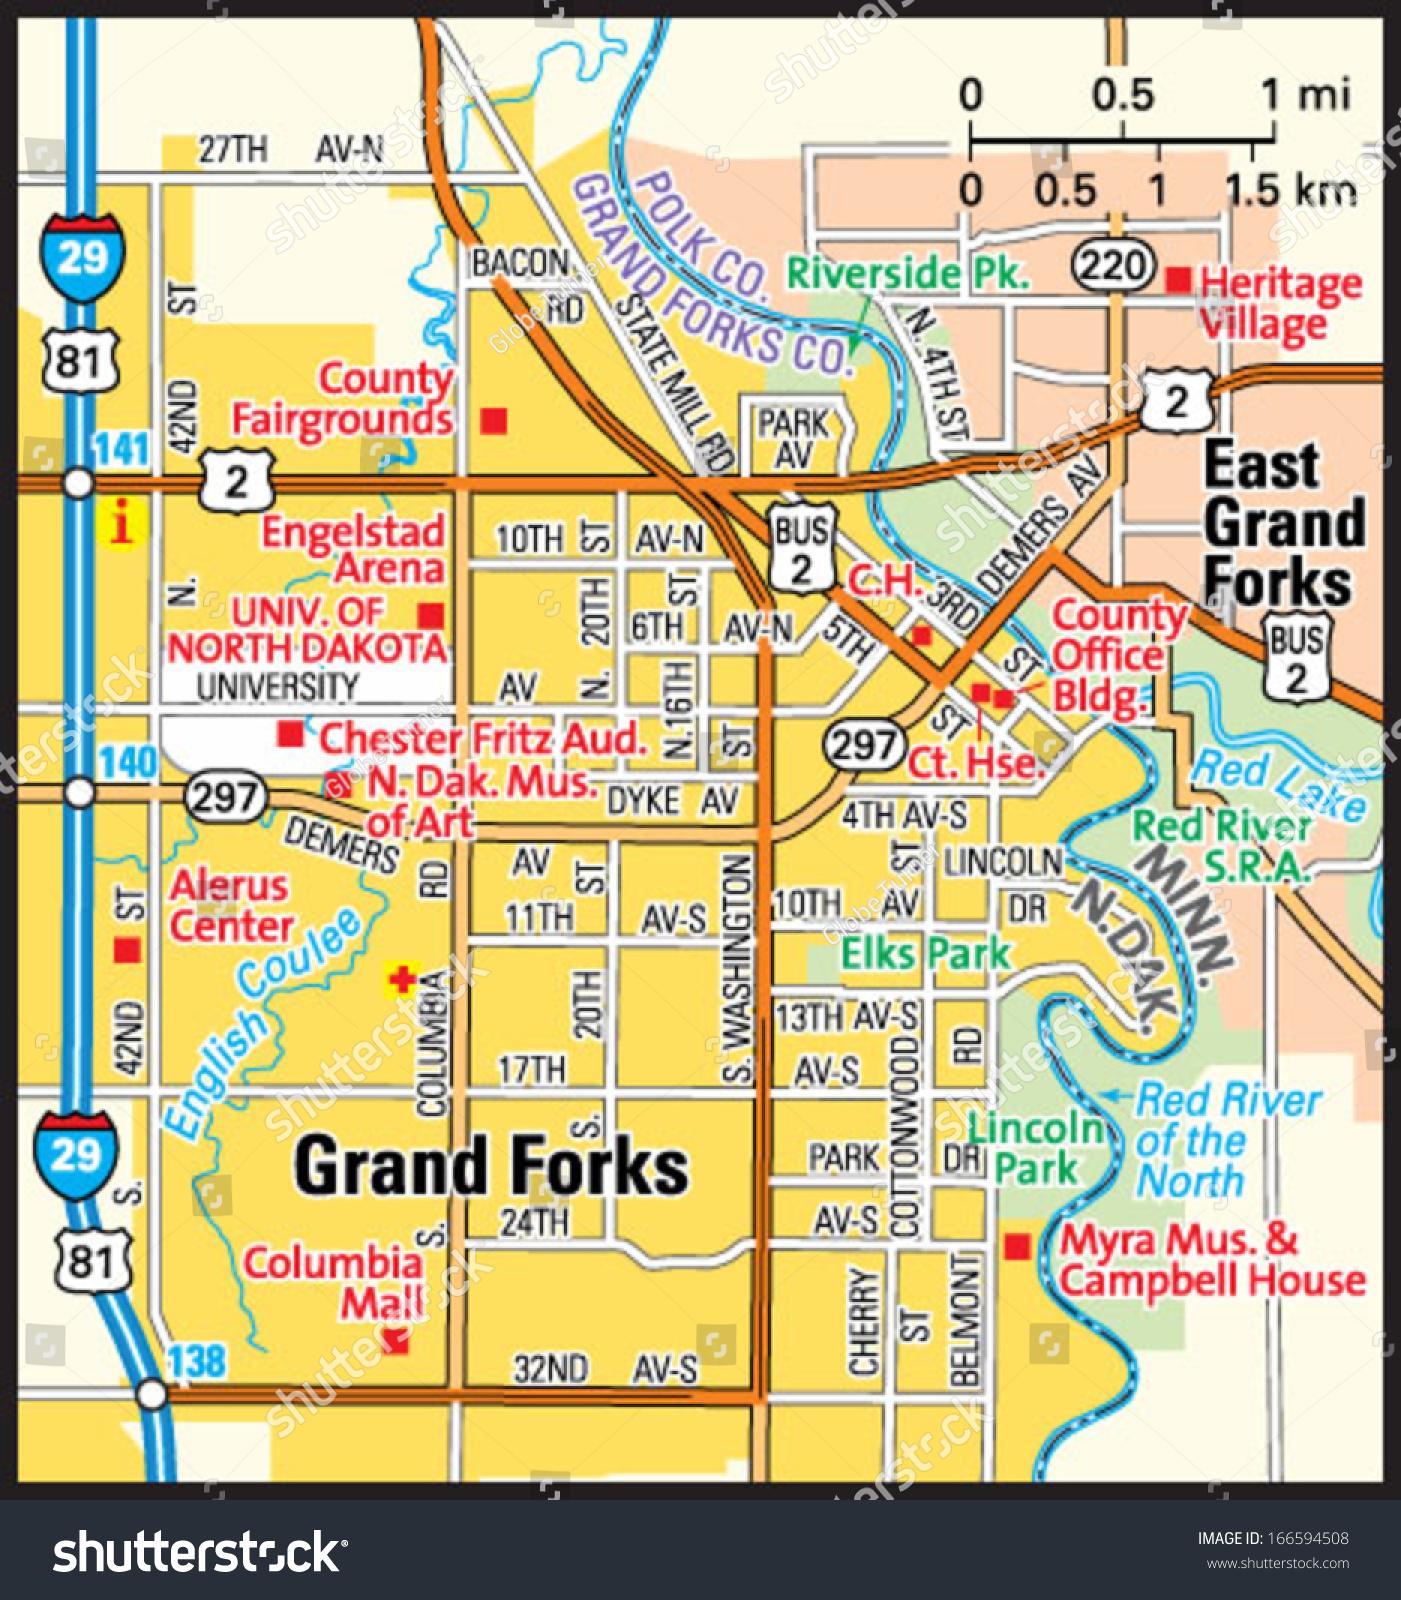 Ub North Campus Map University At Buffalo North Campus Map - Mt sac campus map